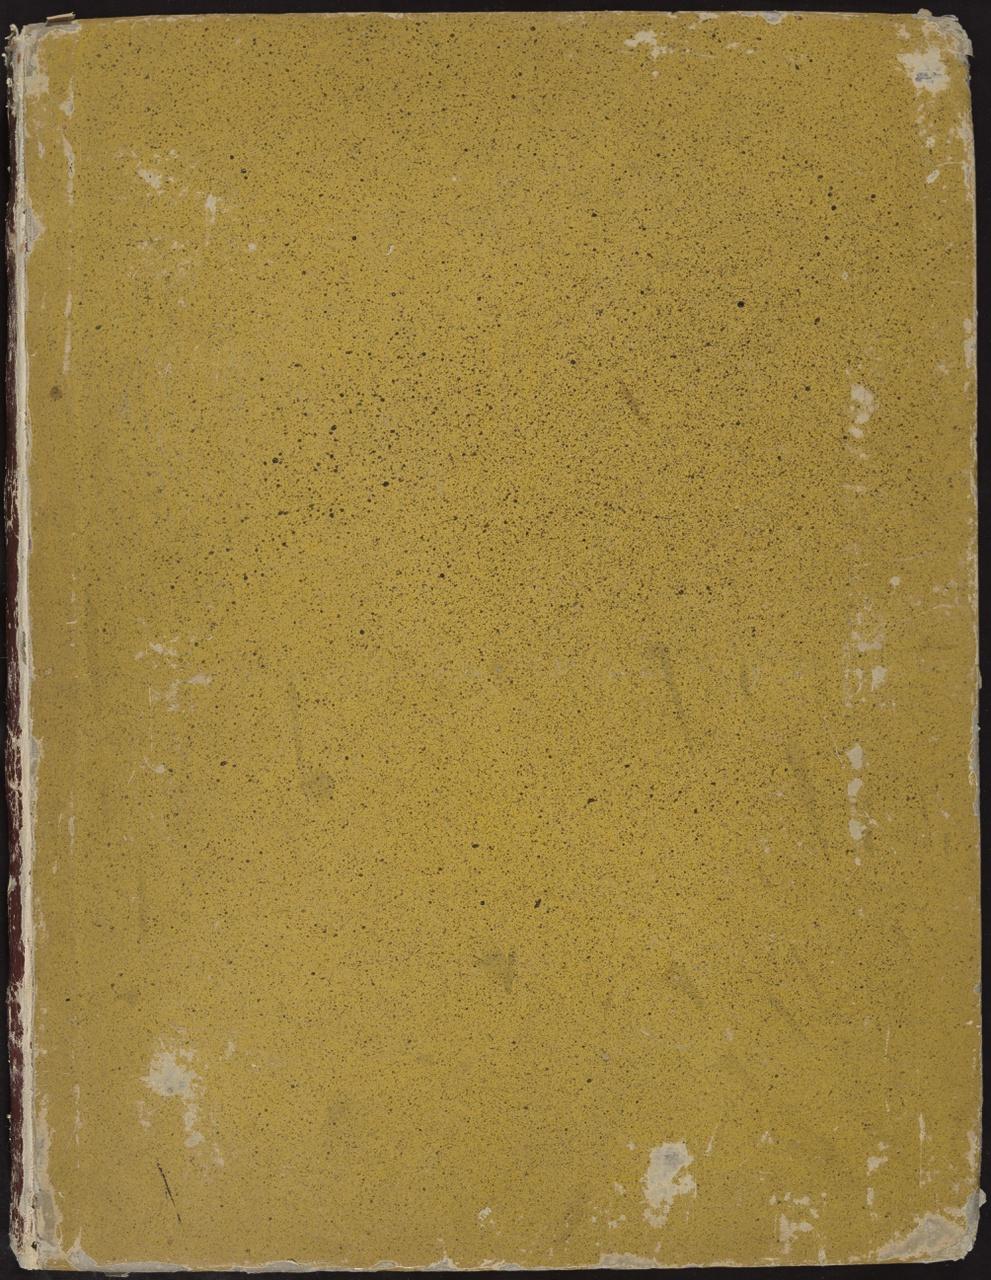 Artis Apelleae Thesaurus ou Trésor des Arts qui ont rapport au dessein